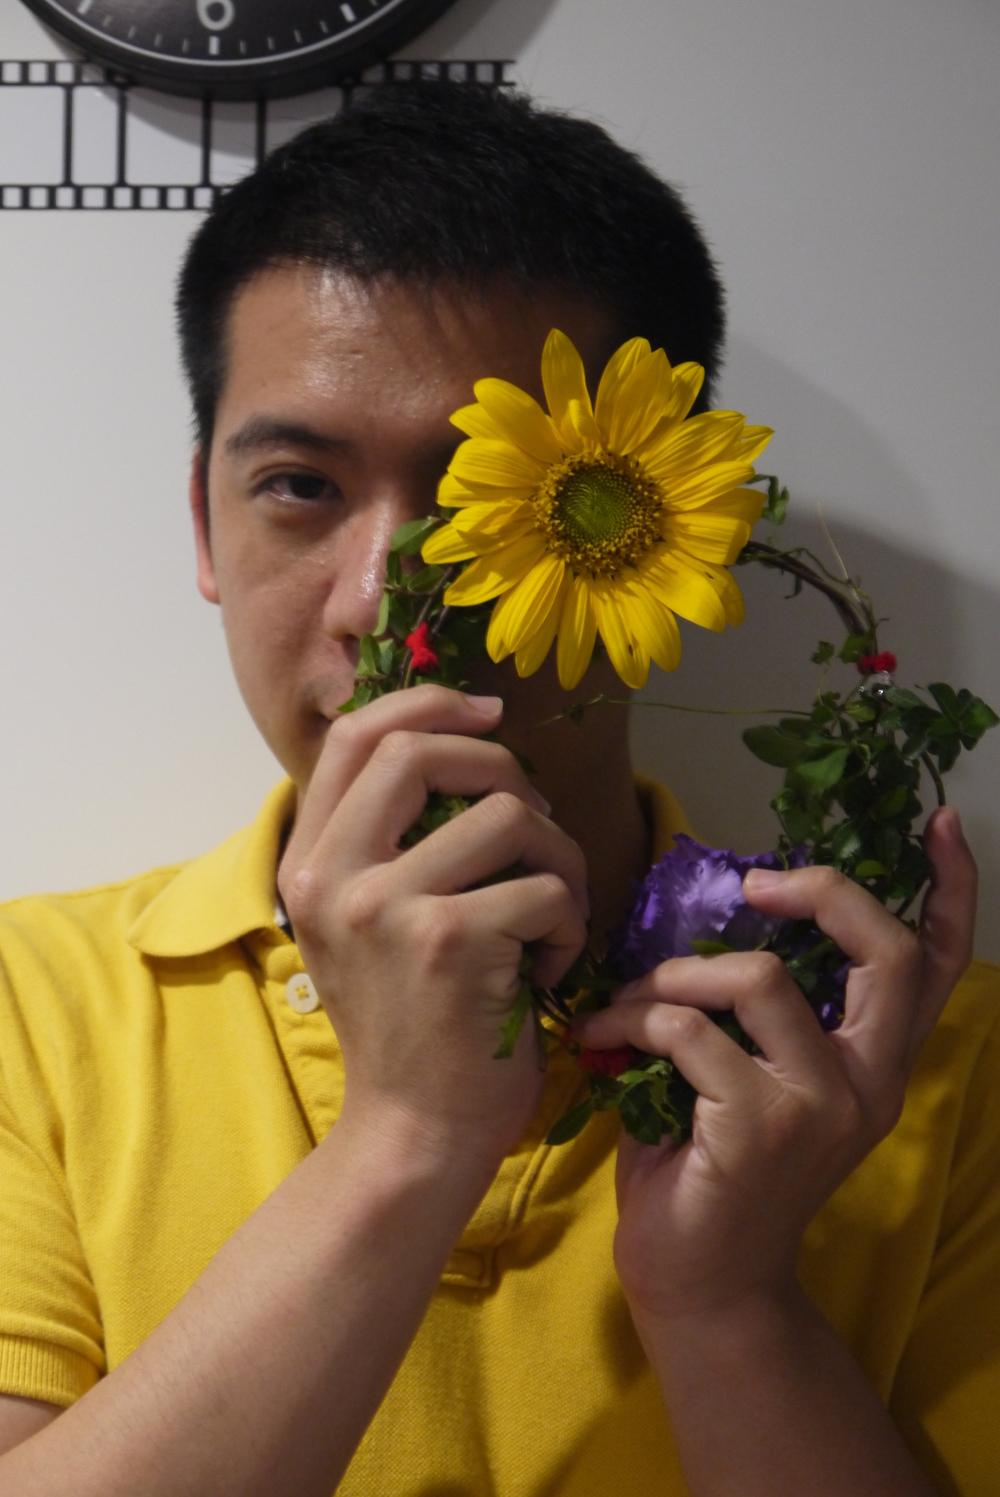 林家慶 Aid Lin 30歲,台中市,教科書出版業。